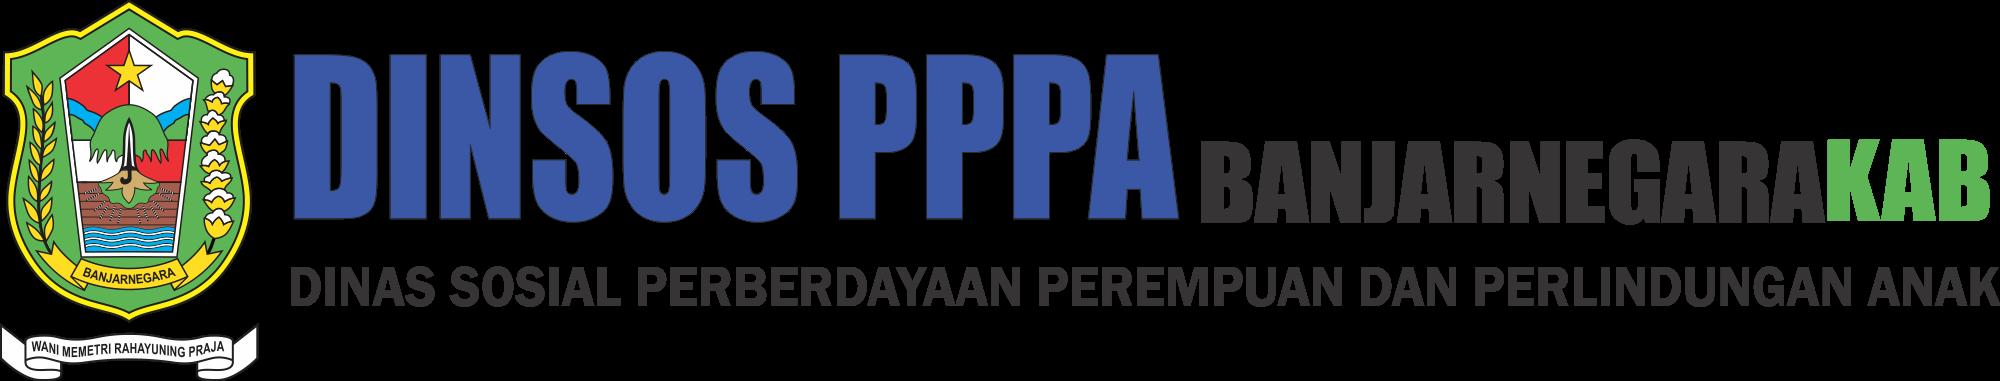 Dinsos Kabupaten Banjarnegara Melayani Cepat Tepat Dengan Hati